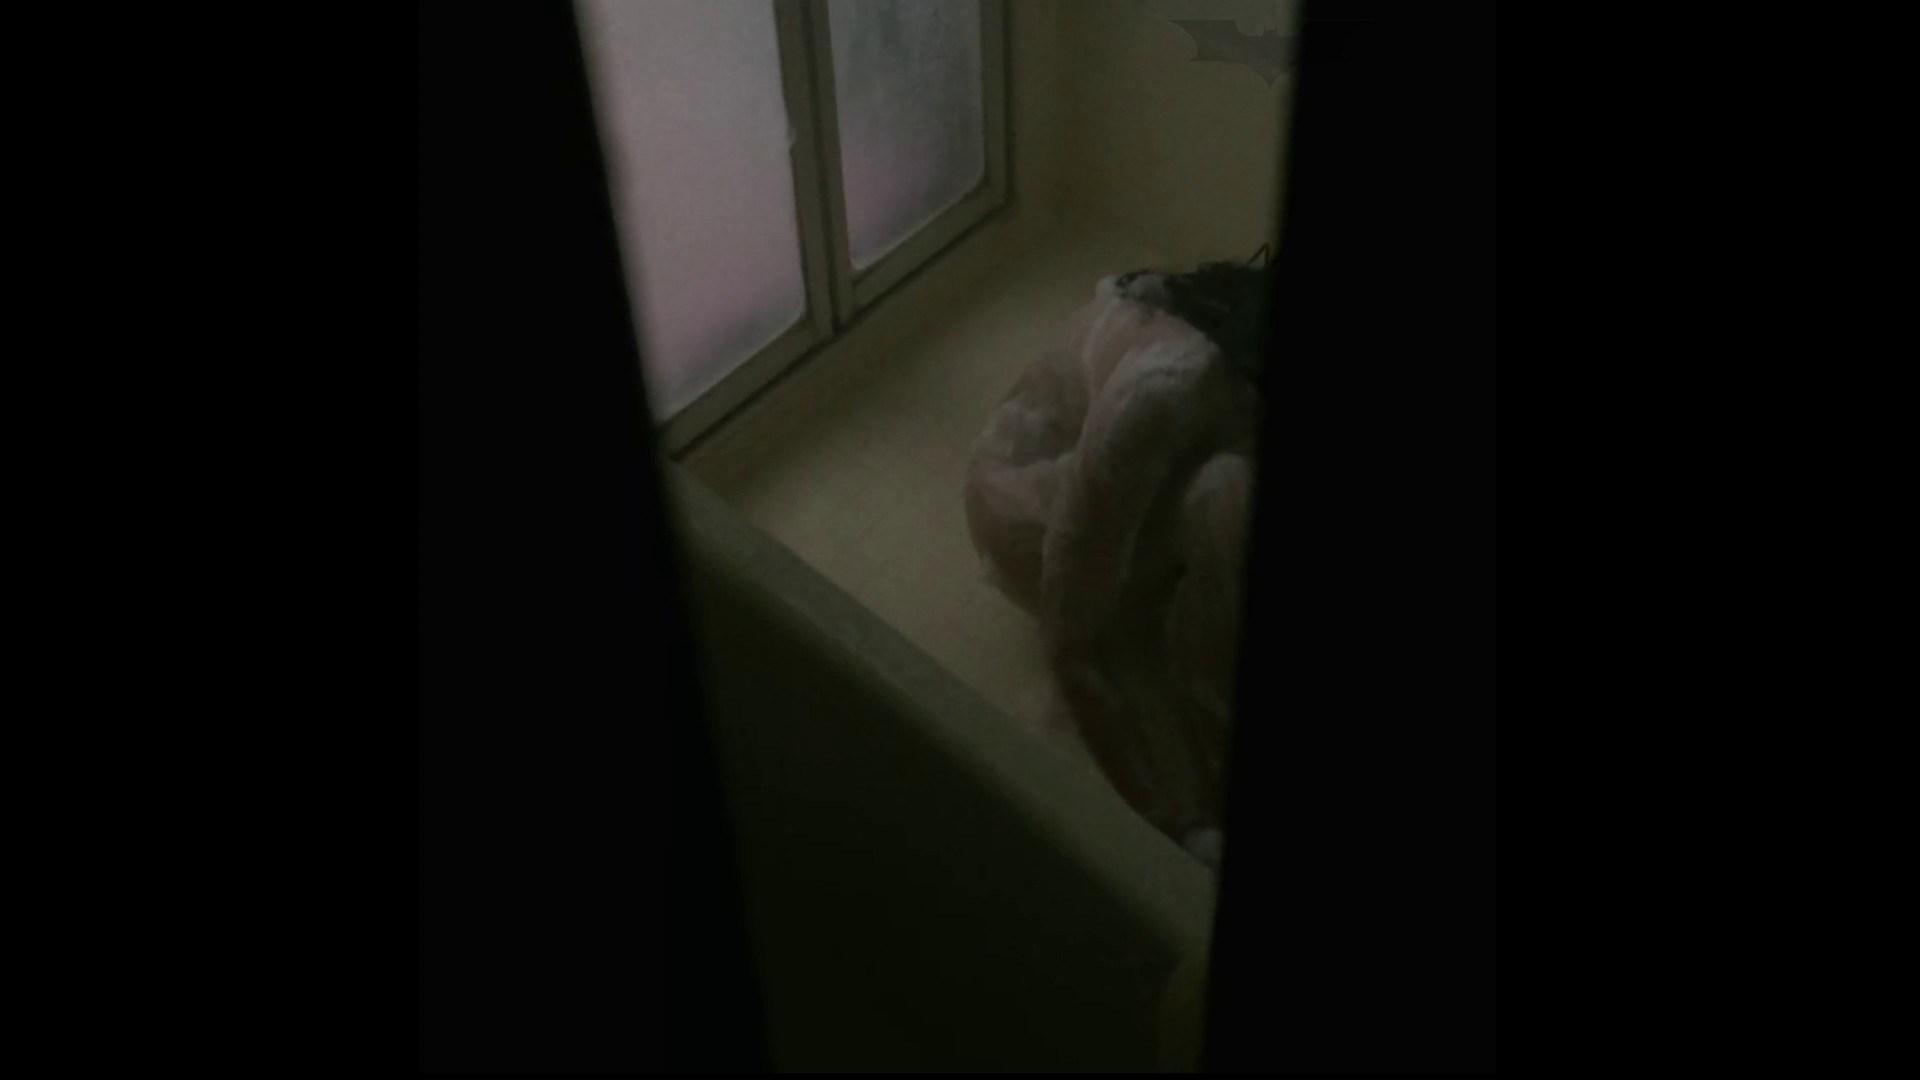 【19位 2016】リアルインパクト盗撮~入浴編 Vol.13 萌える注の入浴 美乳 性交動画流出 106枚 59